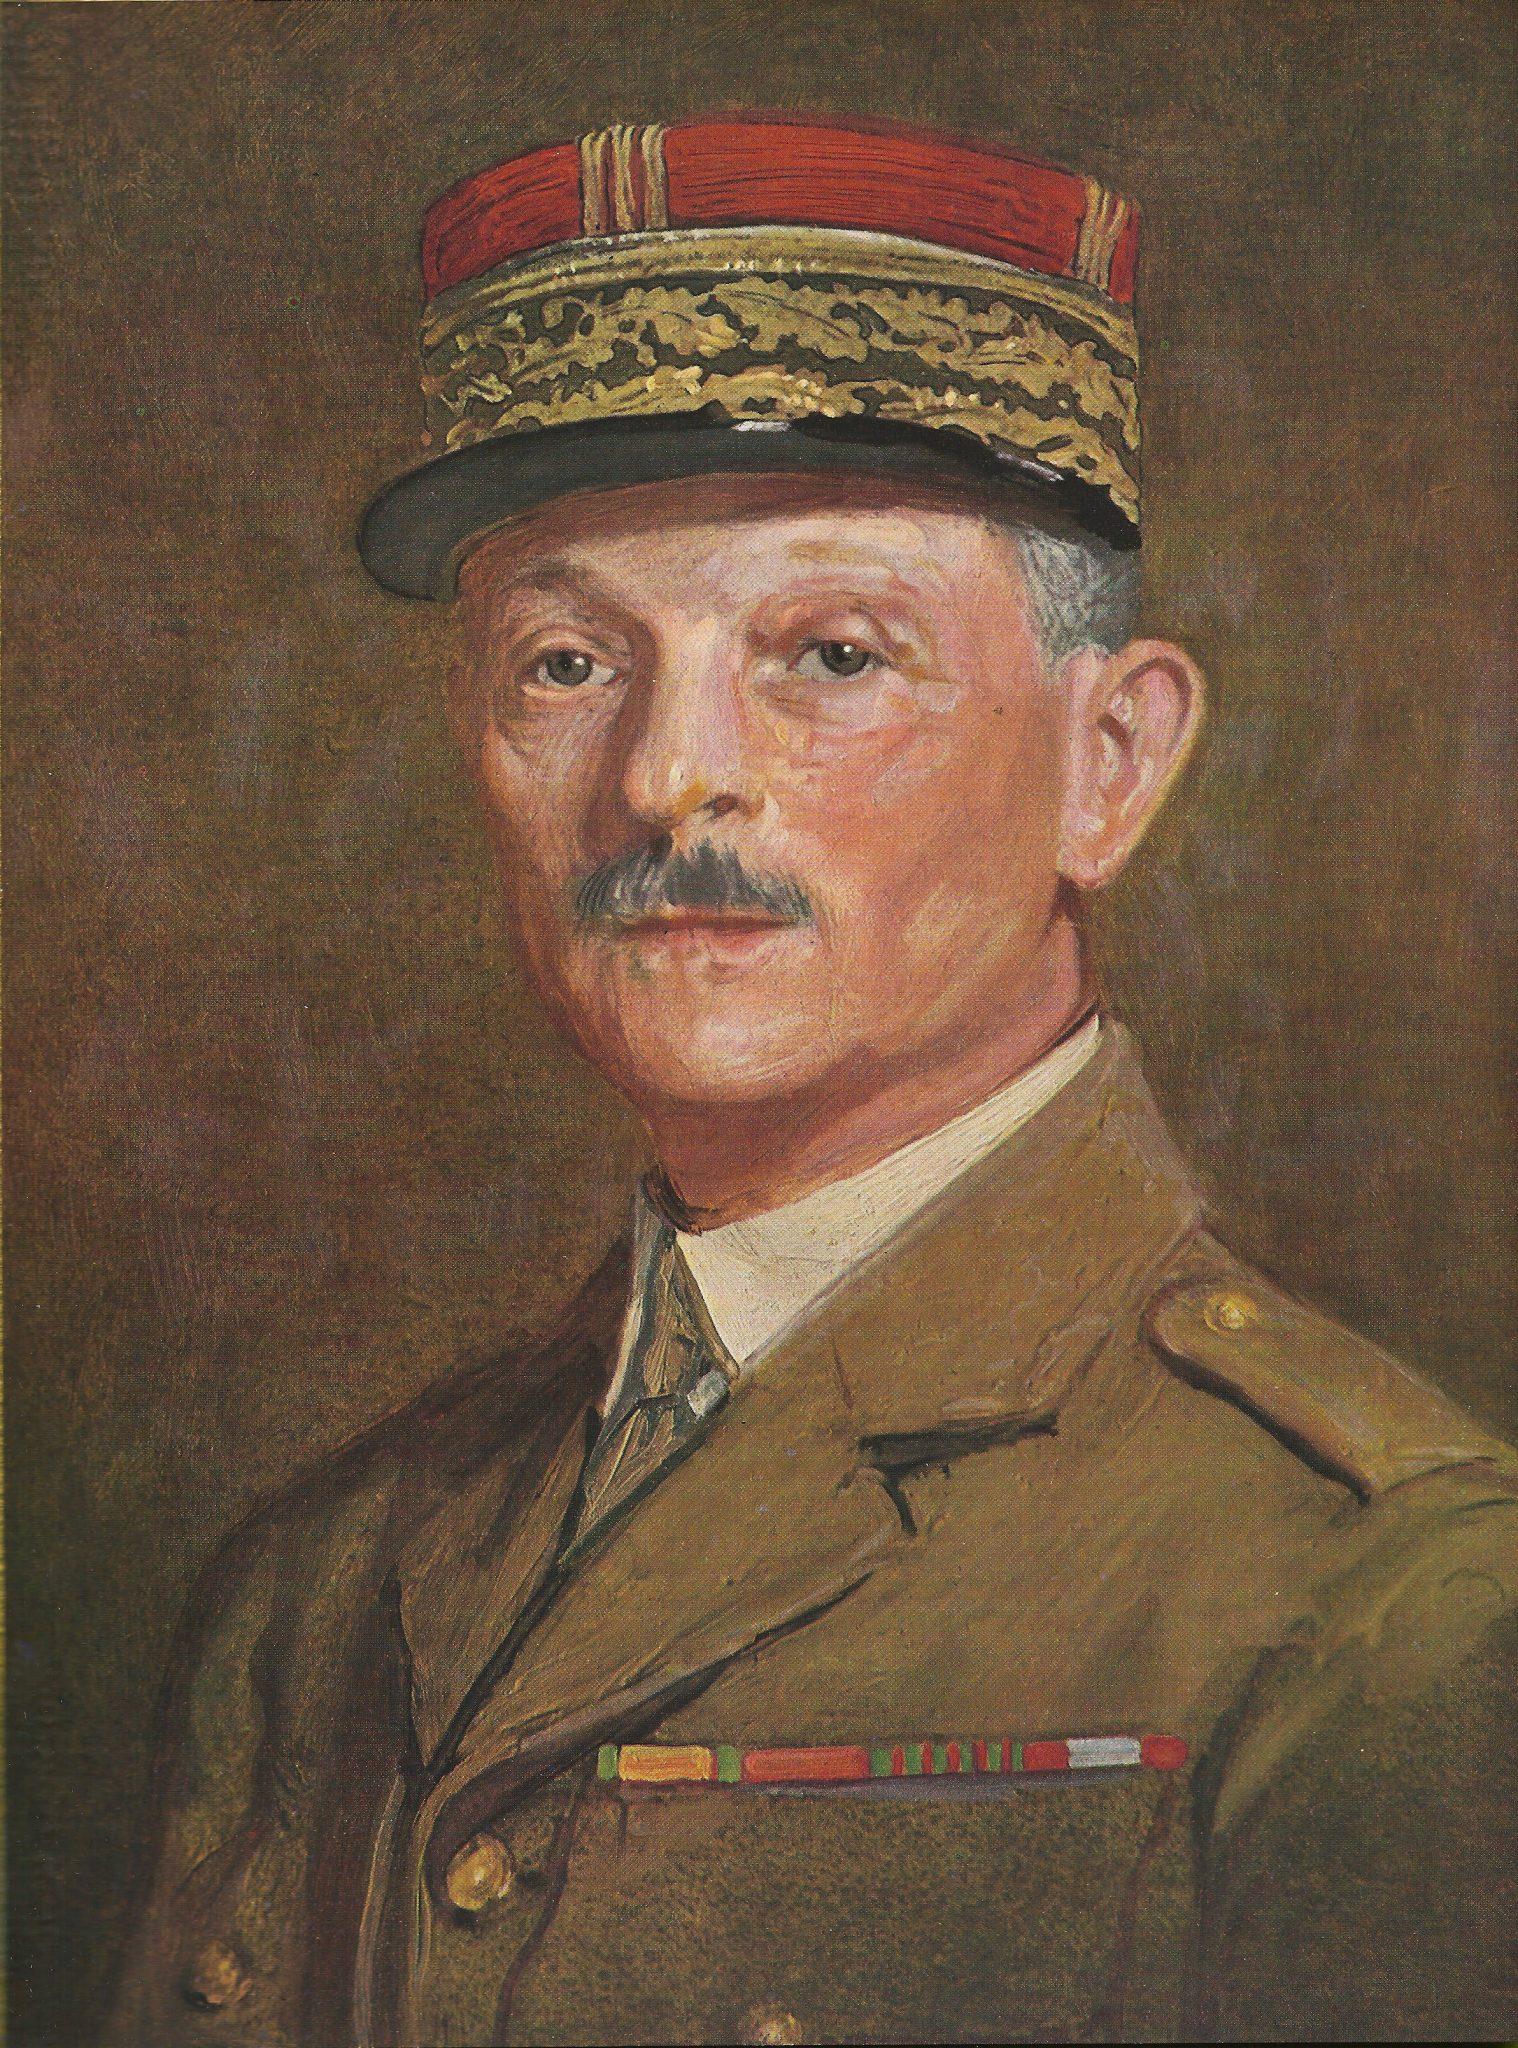 Generaal Maxime Weygand (bron: Wikimedia Commons)